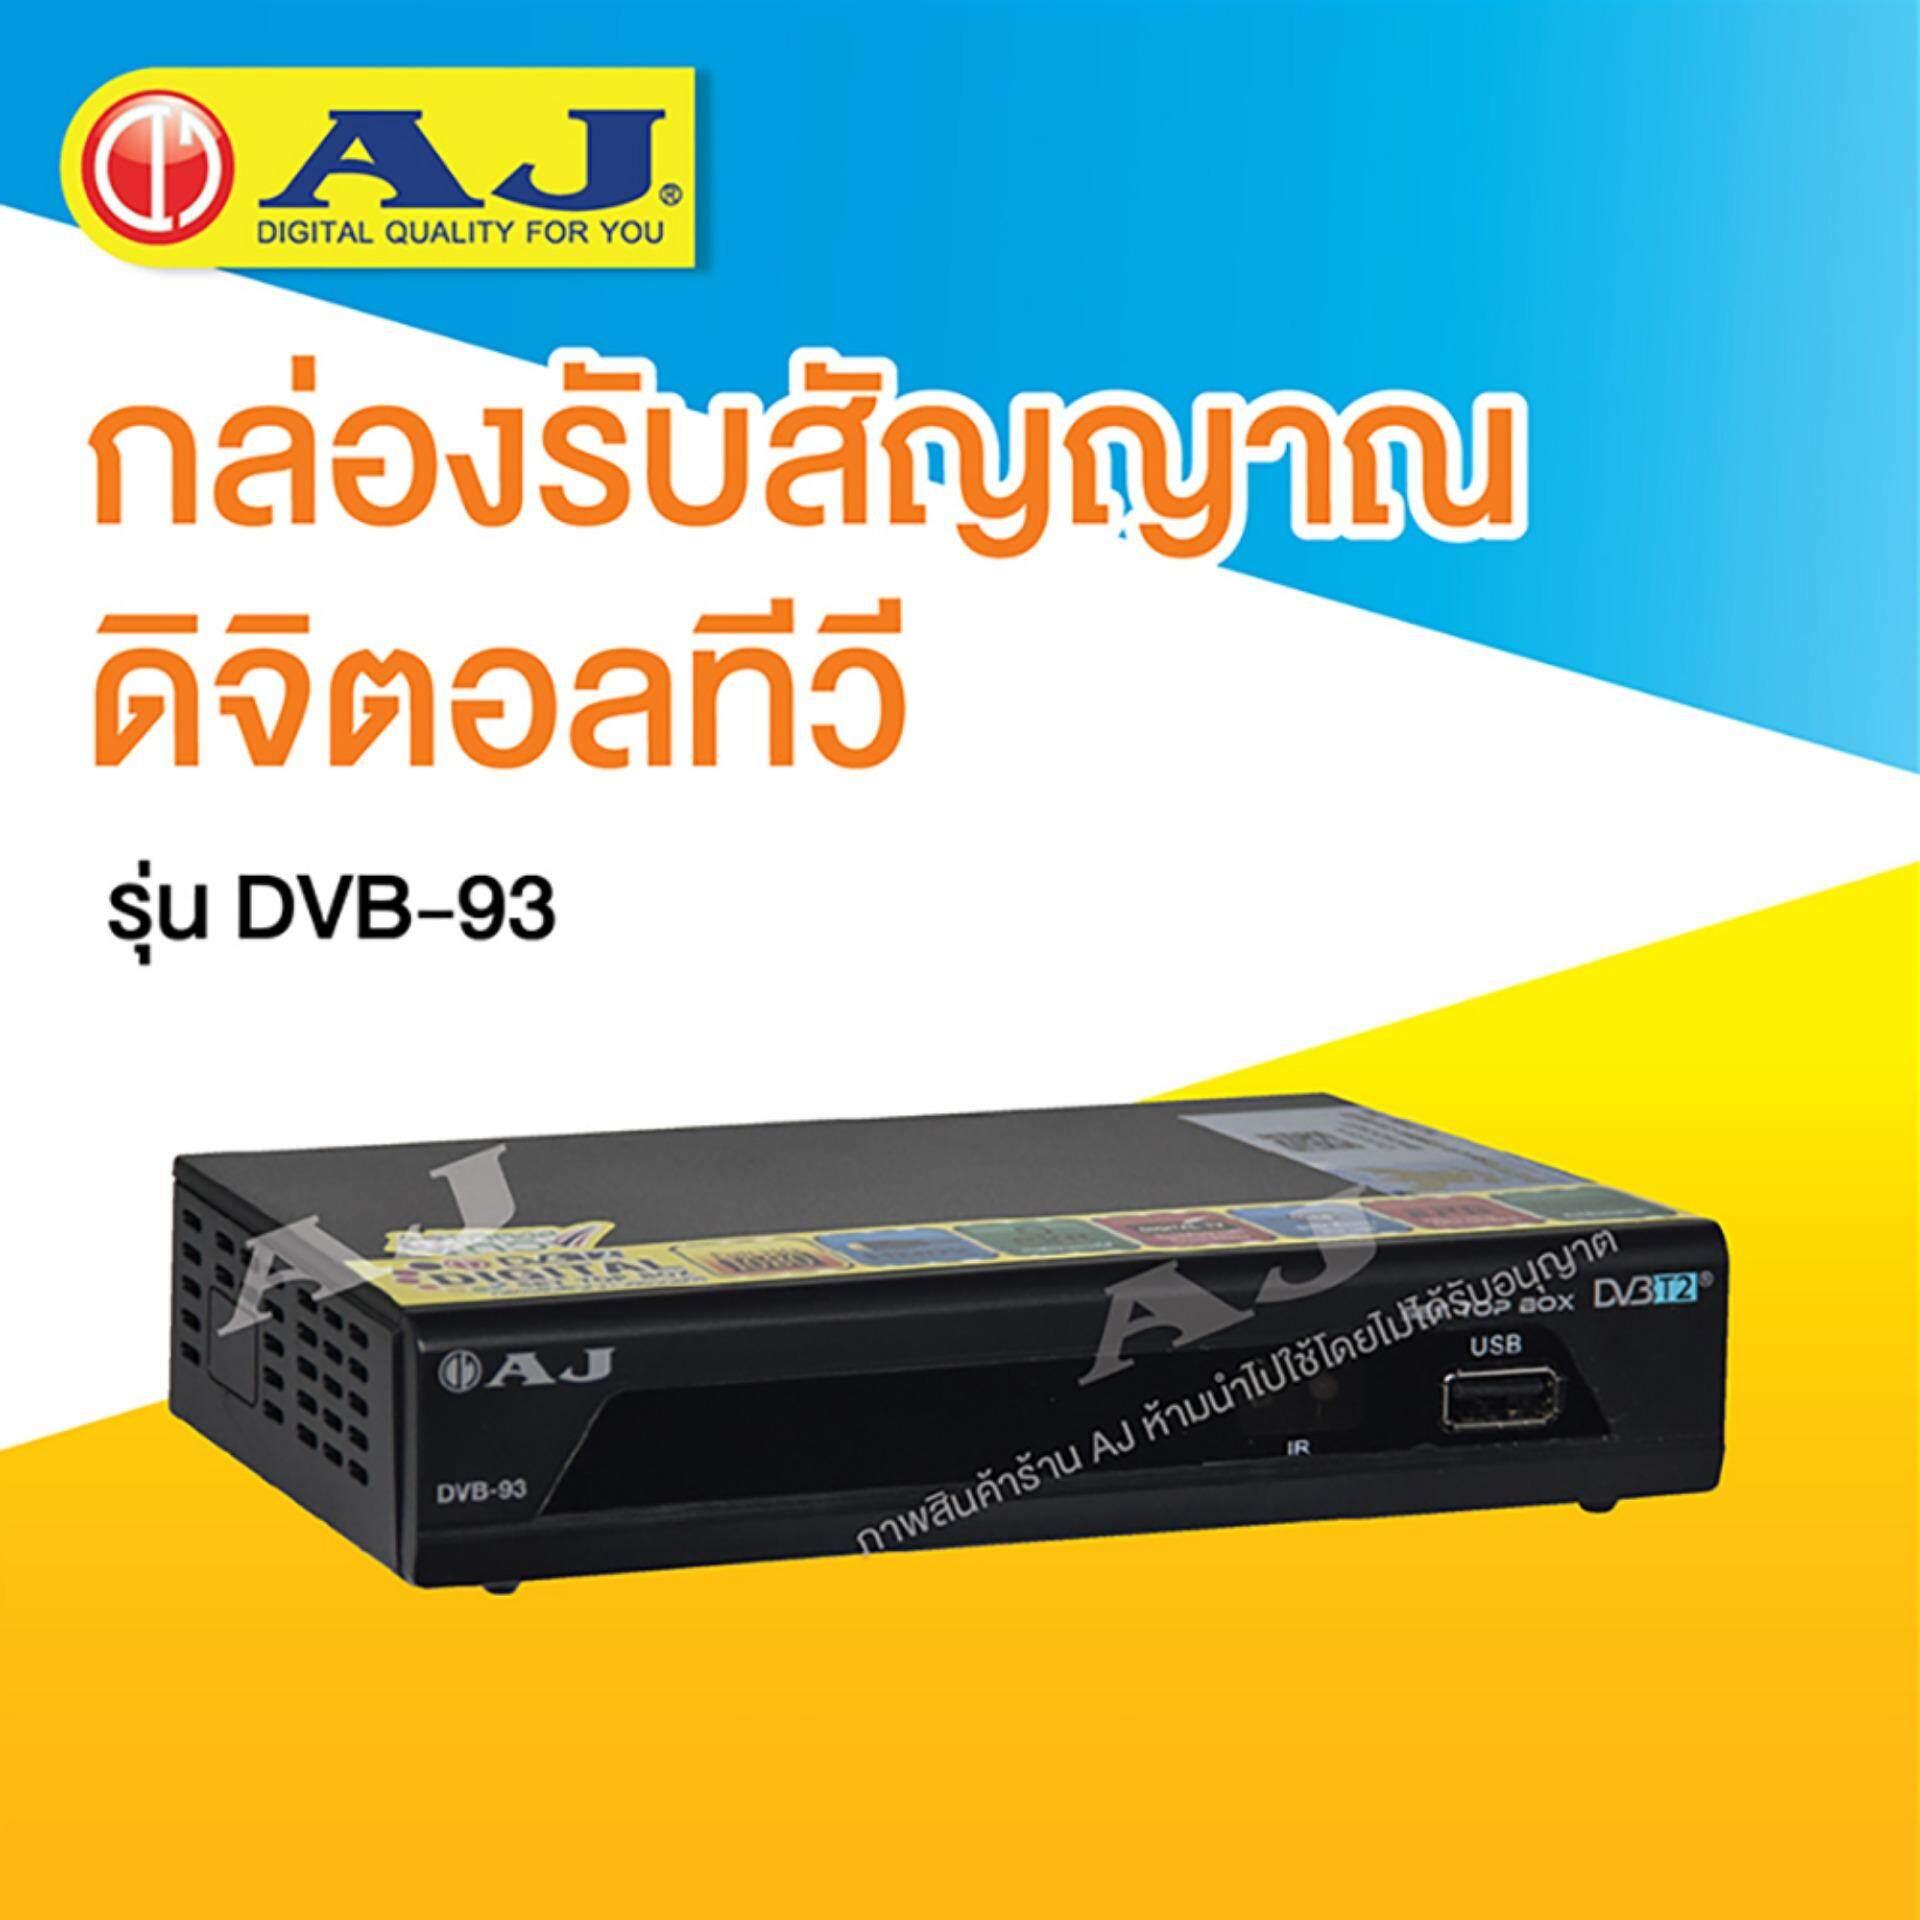 กล่องรับสัญญาณดิจิตอลทีวี Dvb-T2.